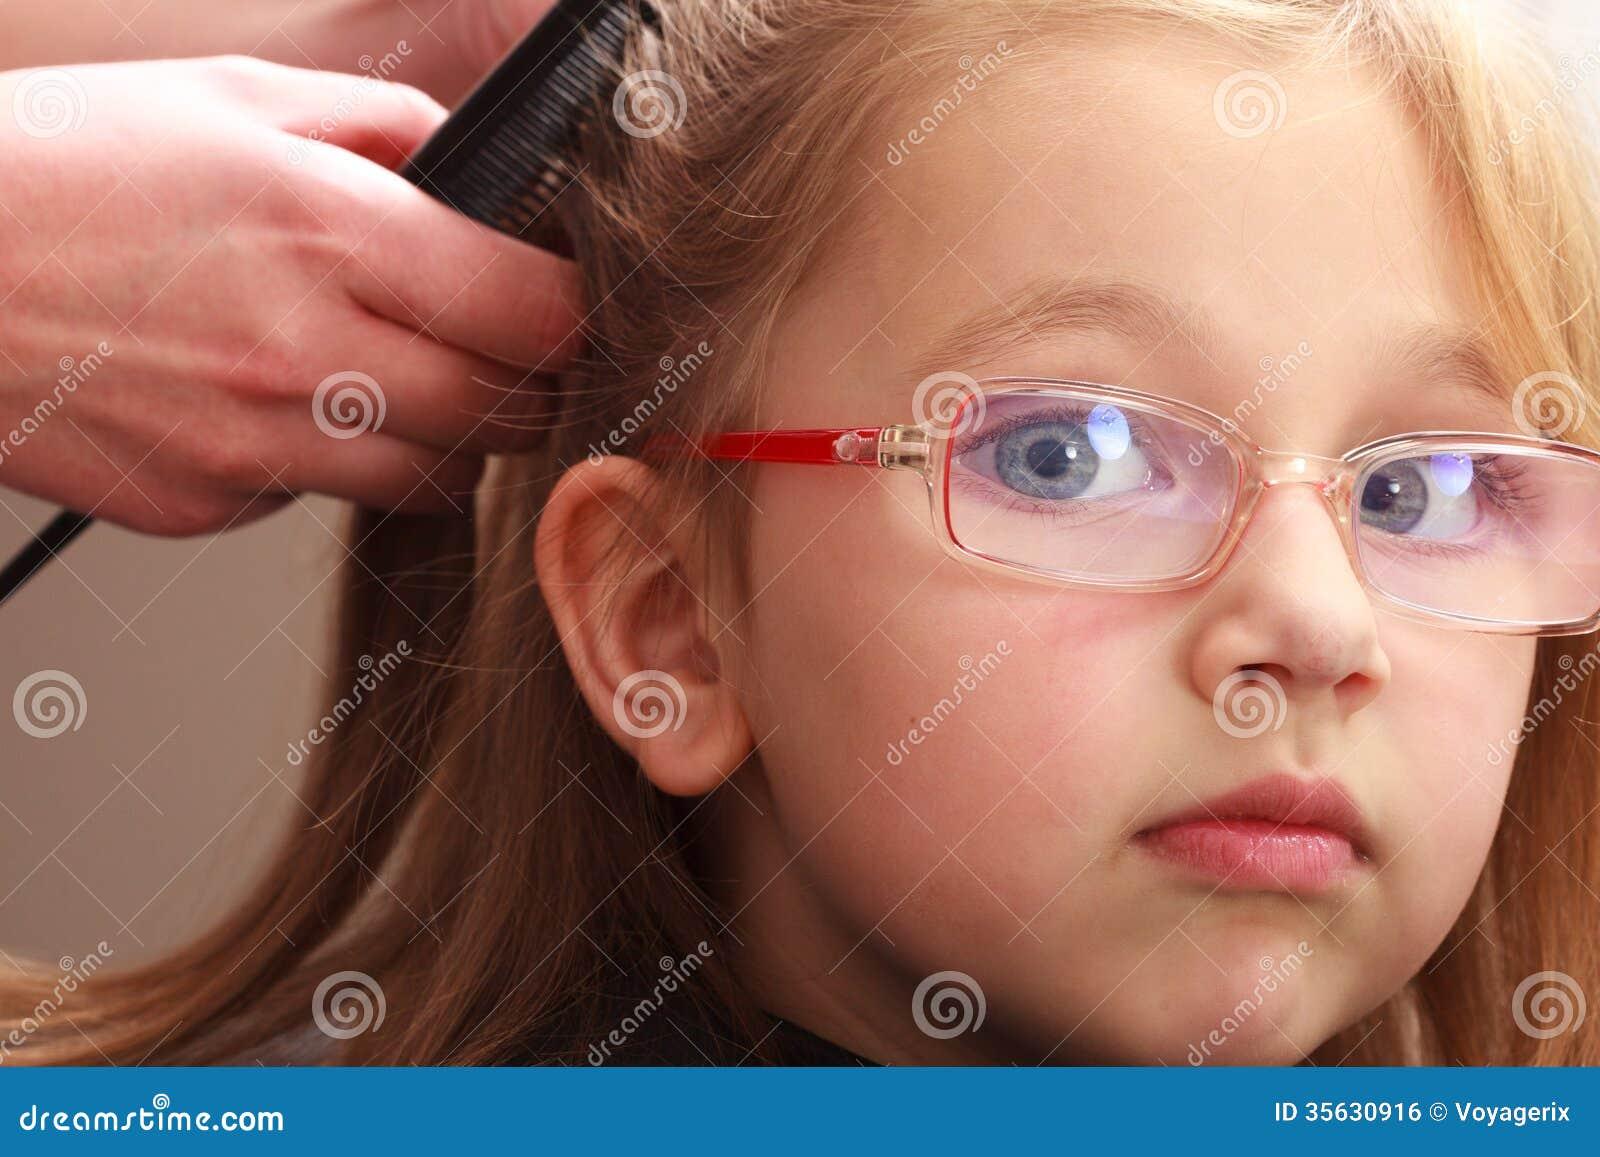 Da capelli di ghiandola tiroidea come trattare abbandonano